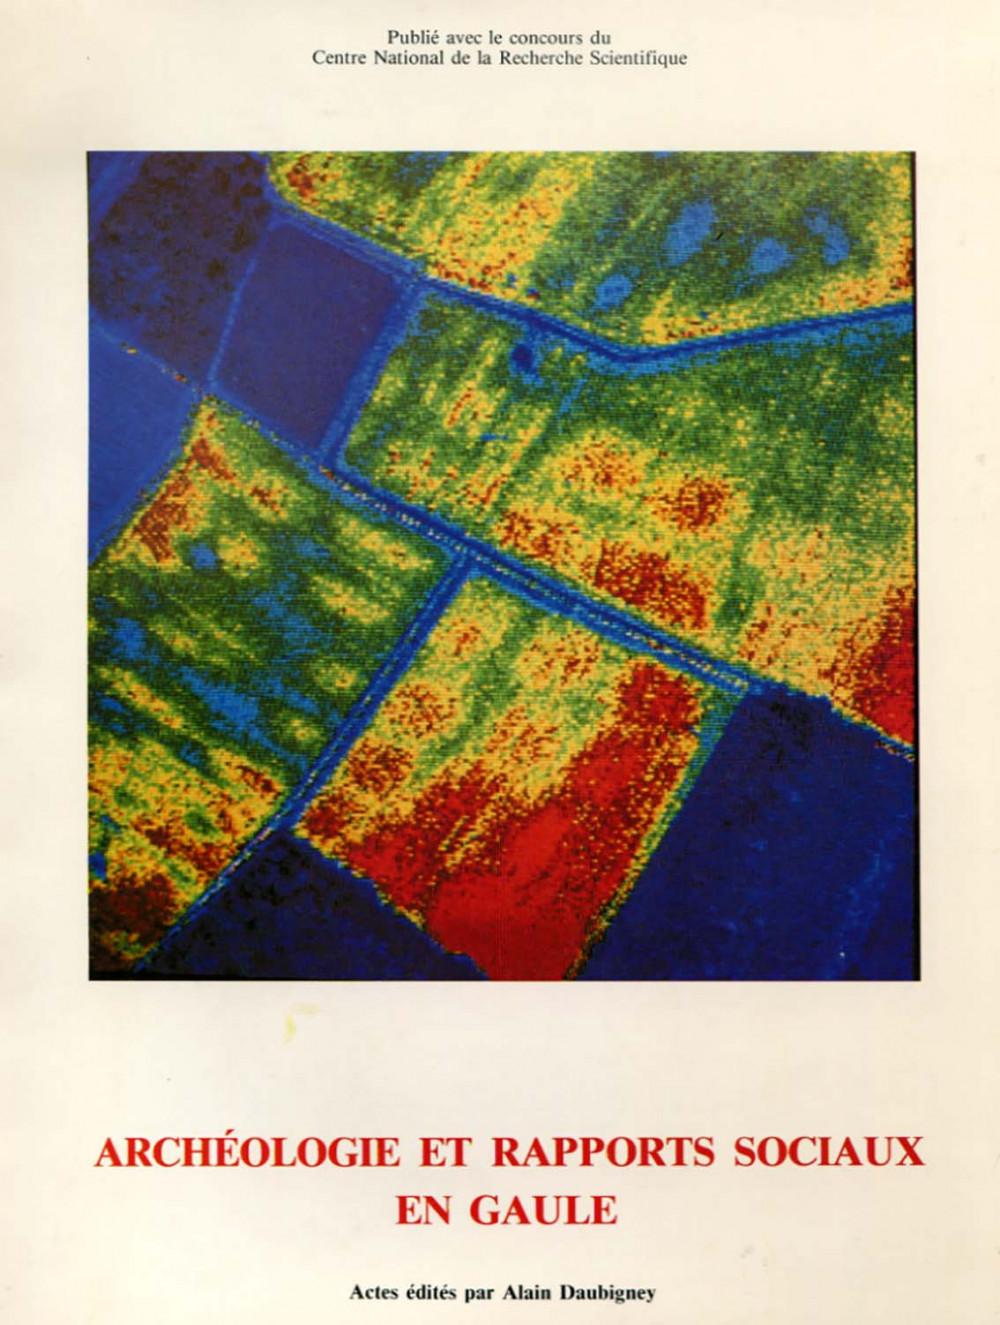 Archéologie et rapports sociaux en Gaule